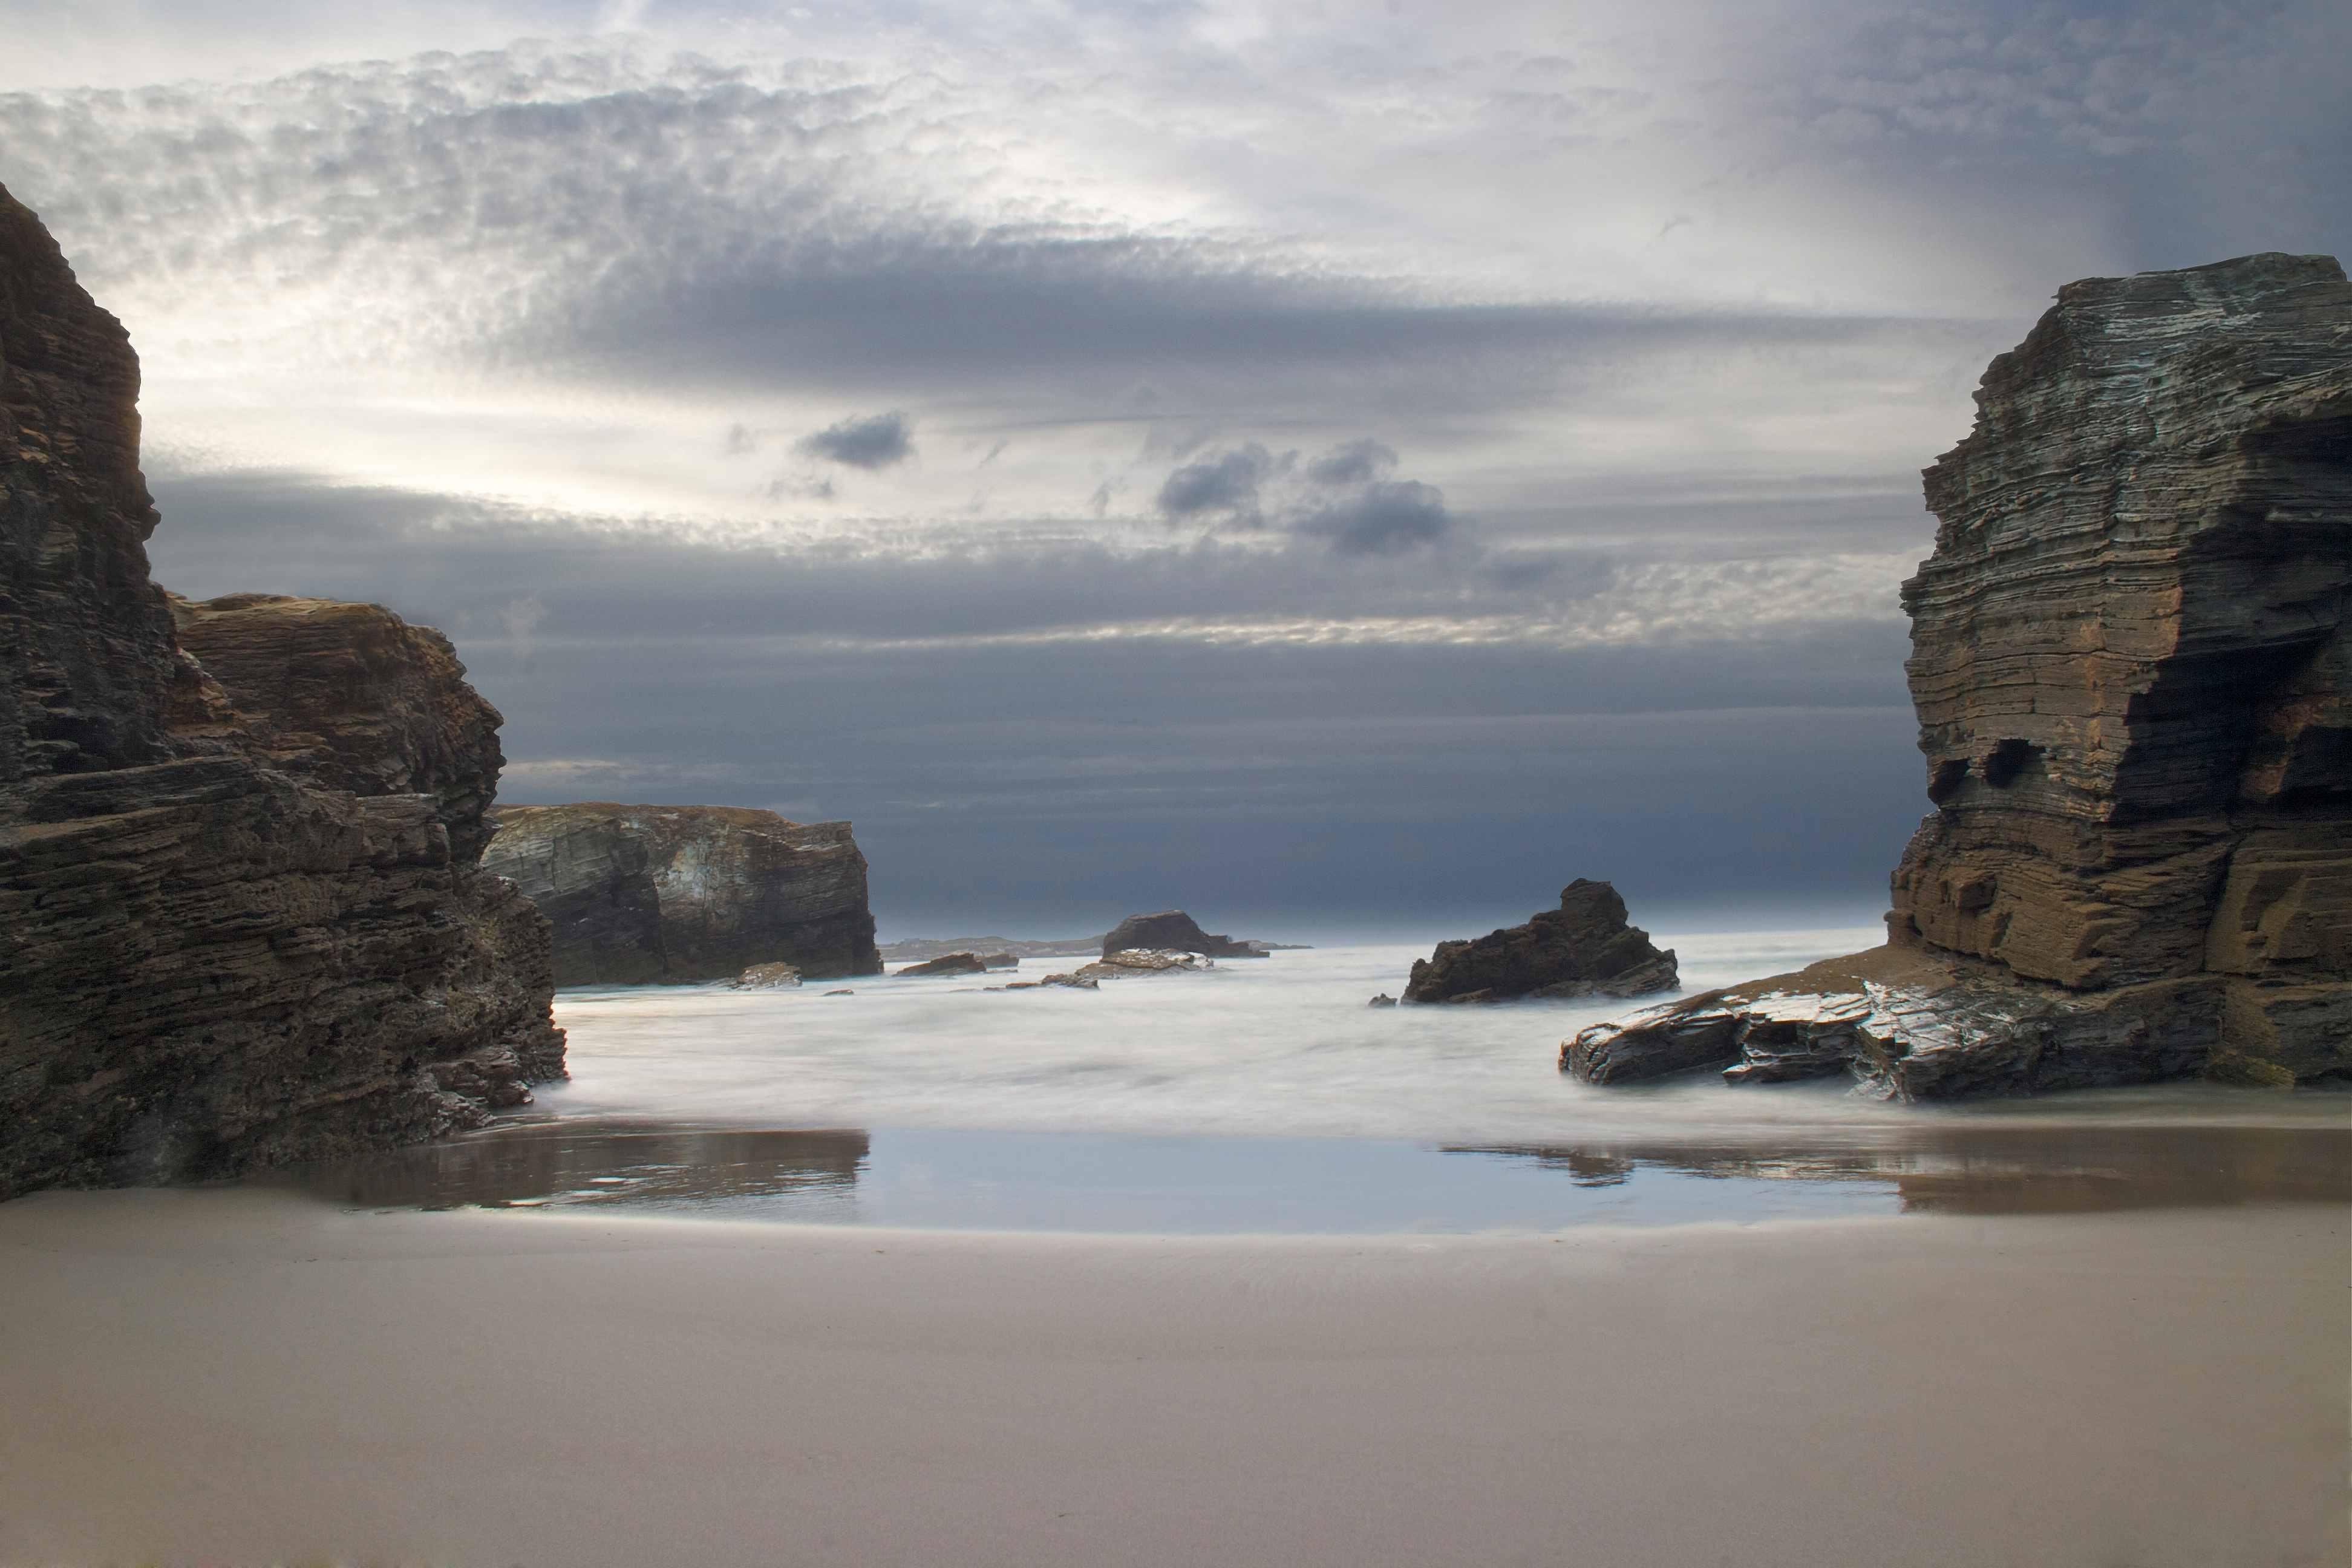 Fotografía de paisaje, playa de las catedrales, atardecer entre las rocas, Canon.,Danilatorre,danilatorre, Dani Latorre, daniel Latorre